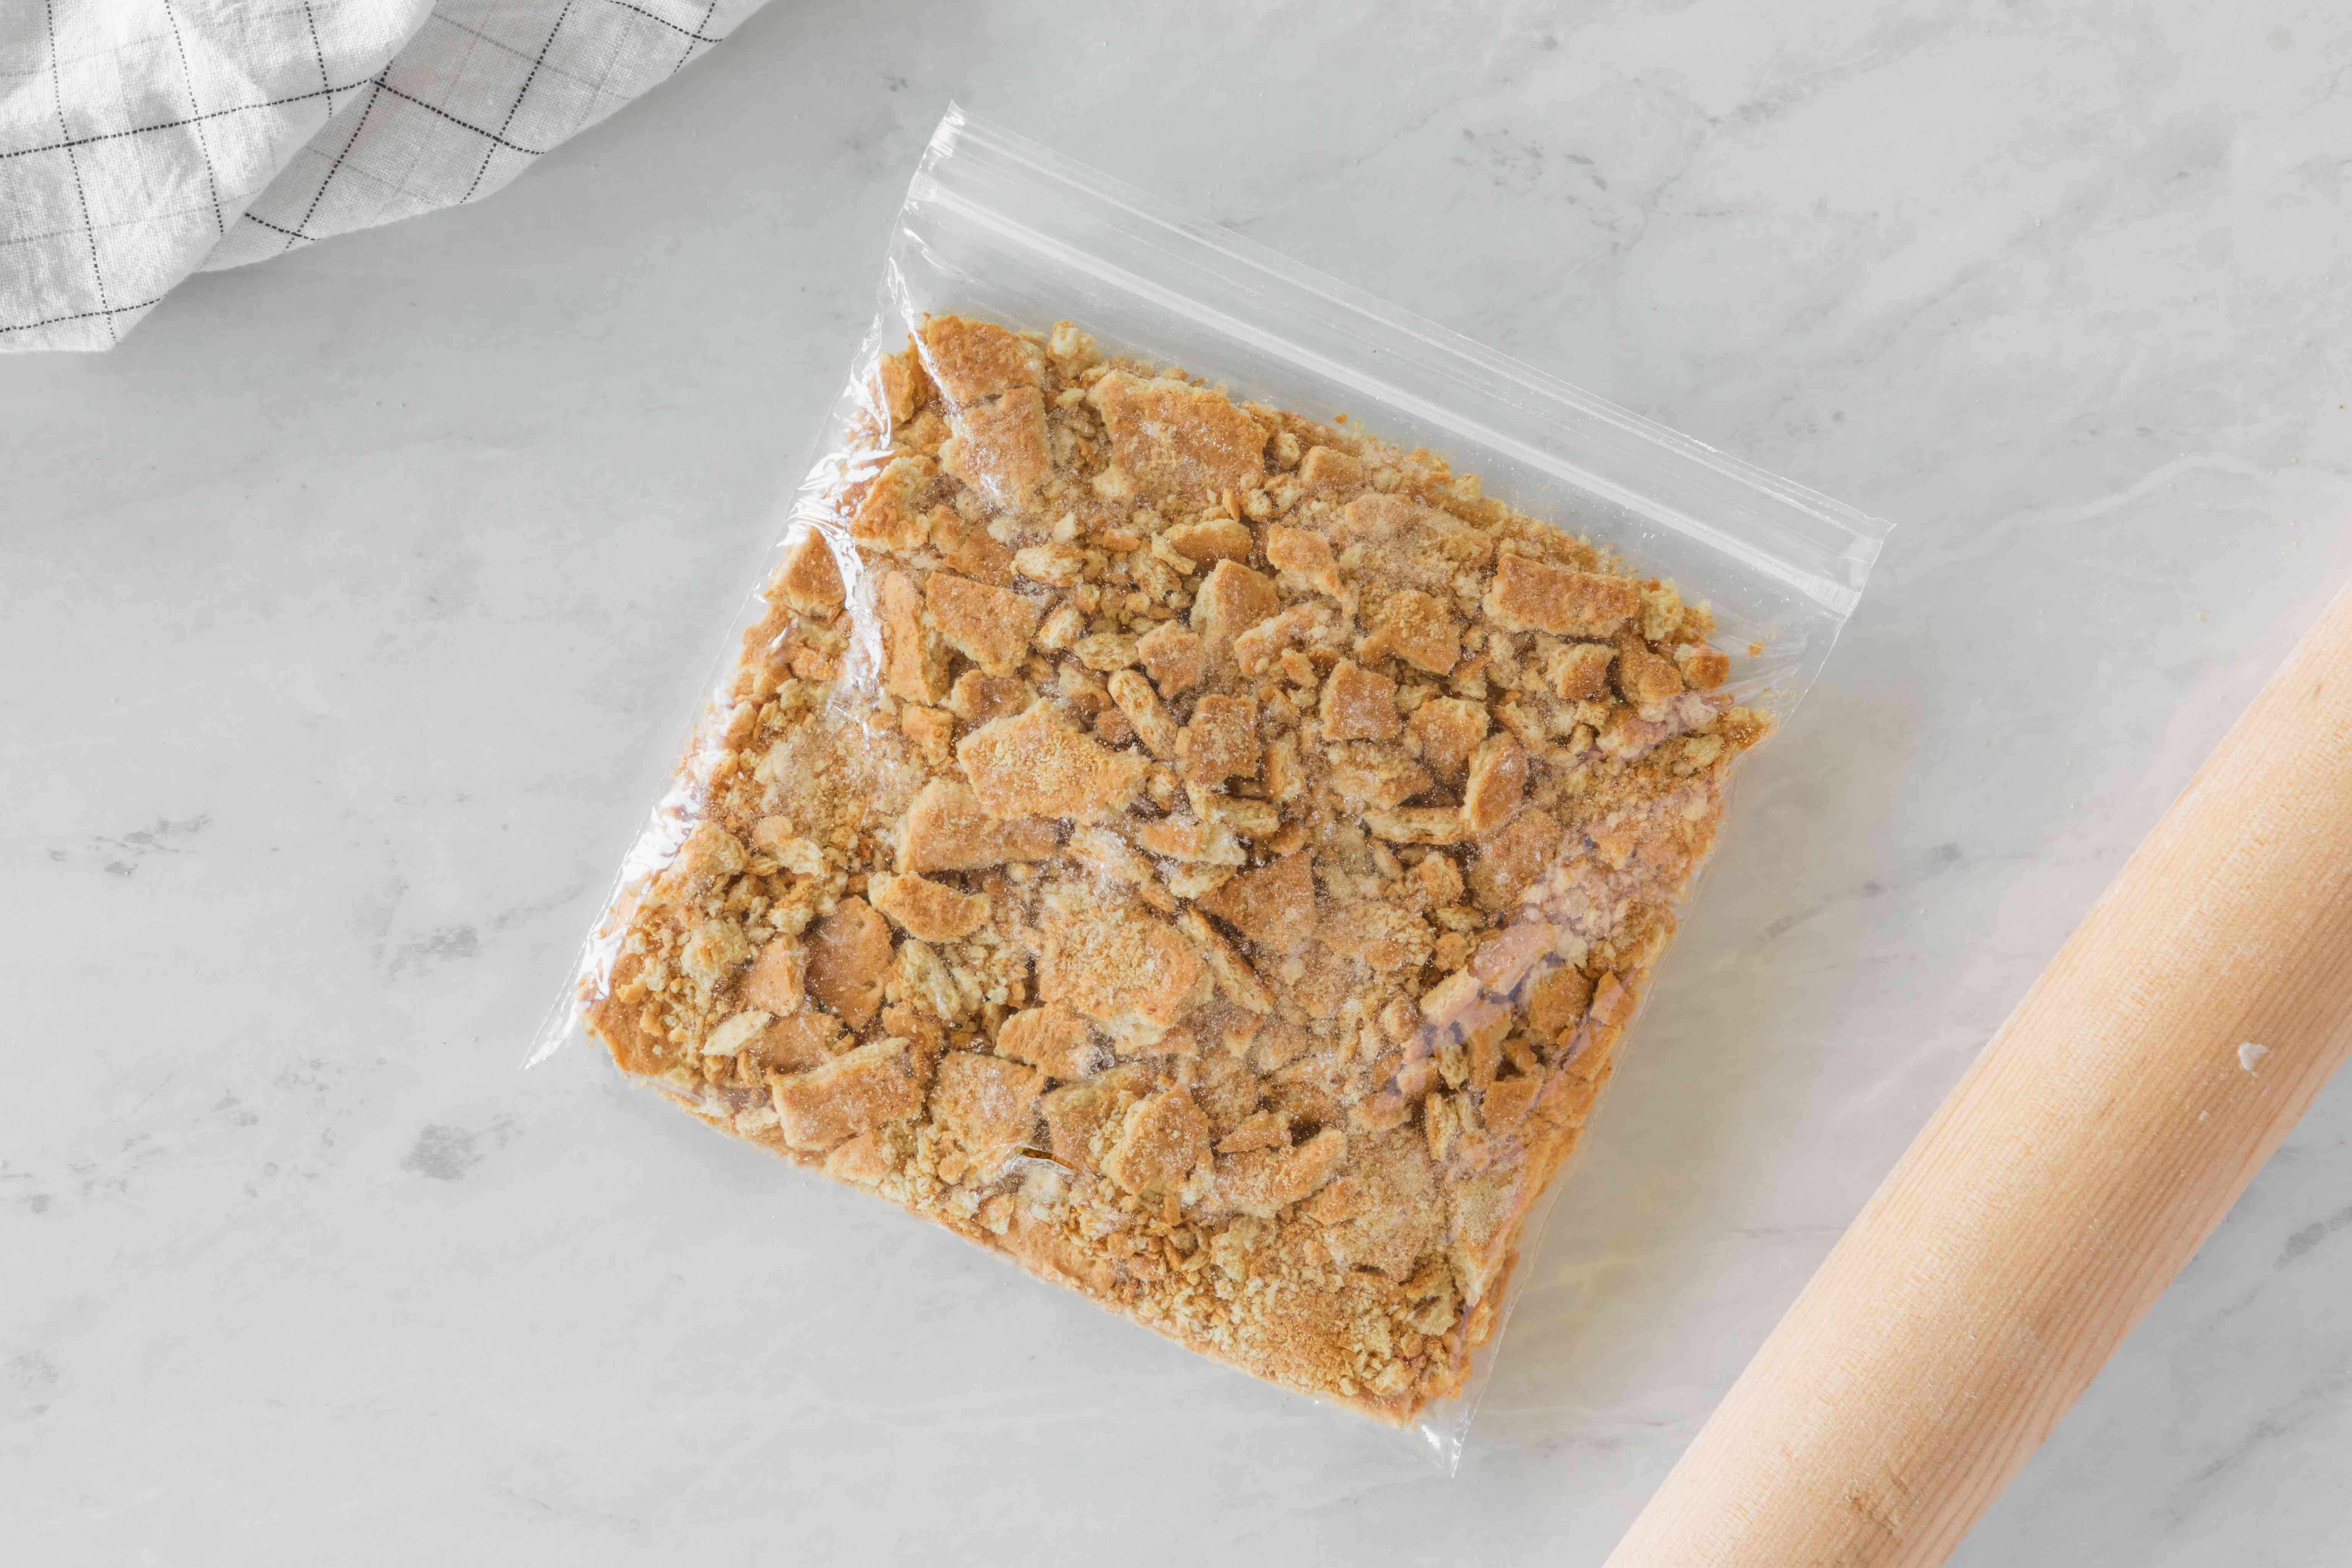 Graham cracker in bag